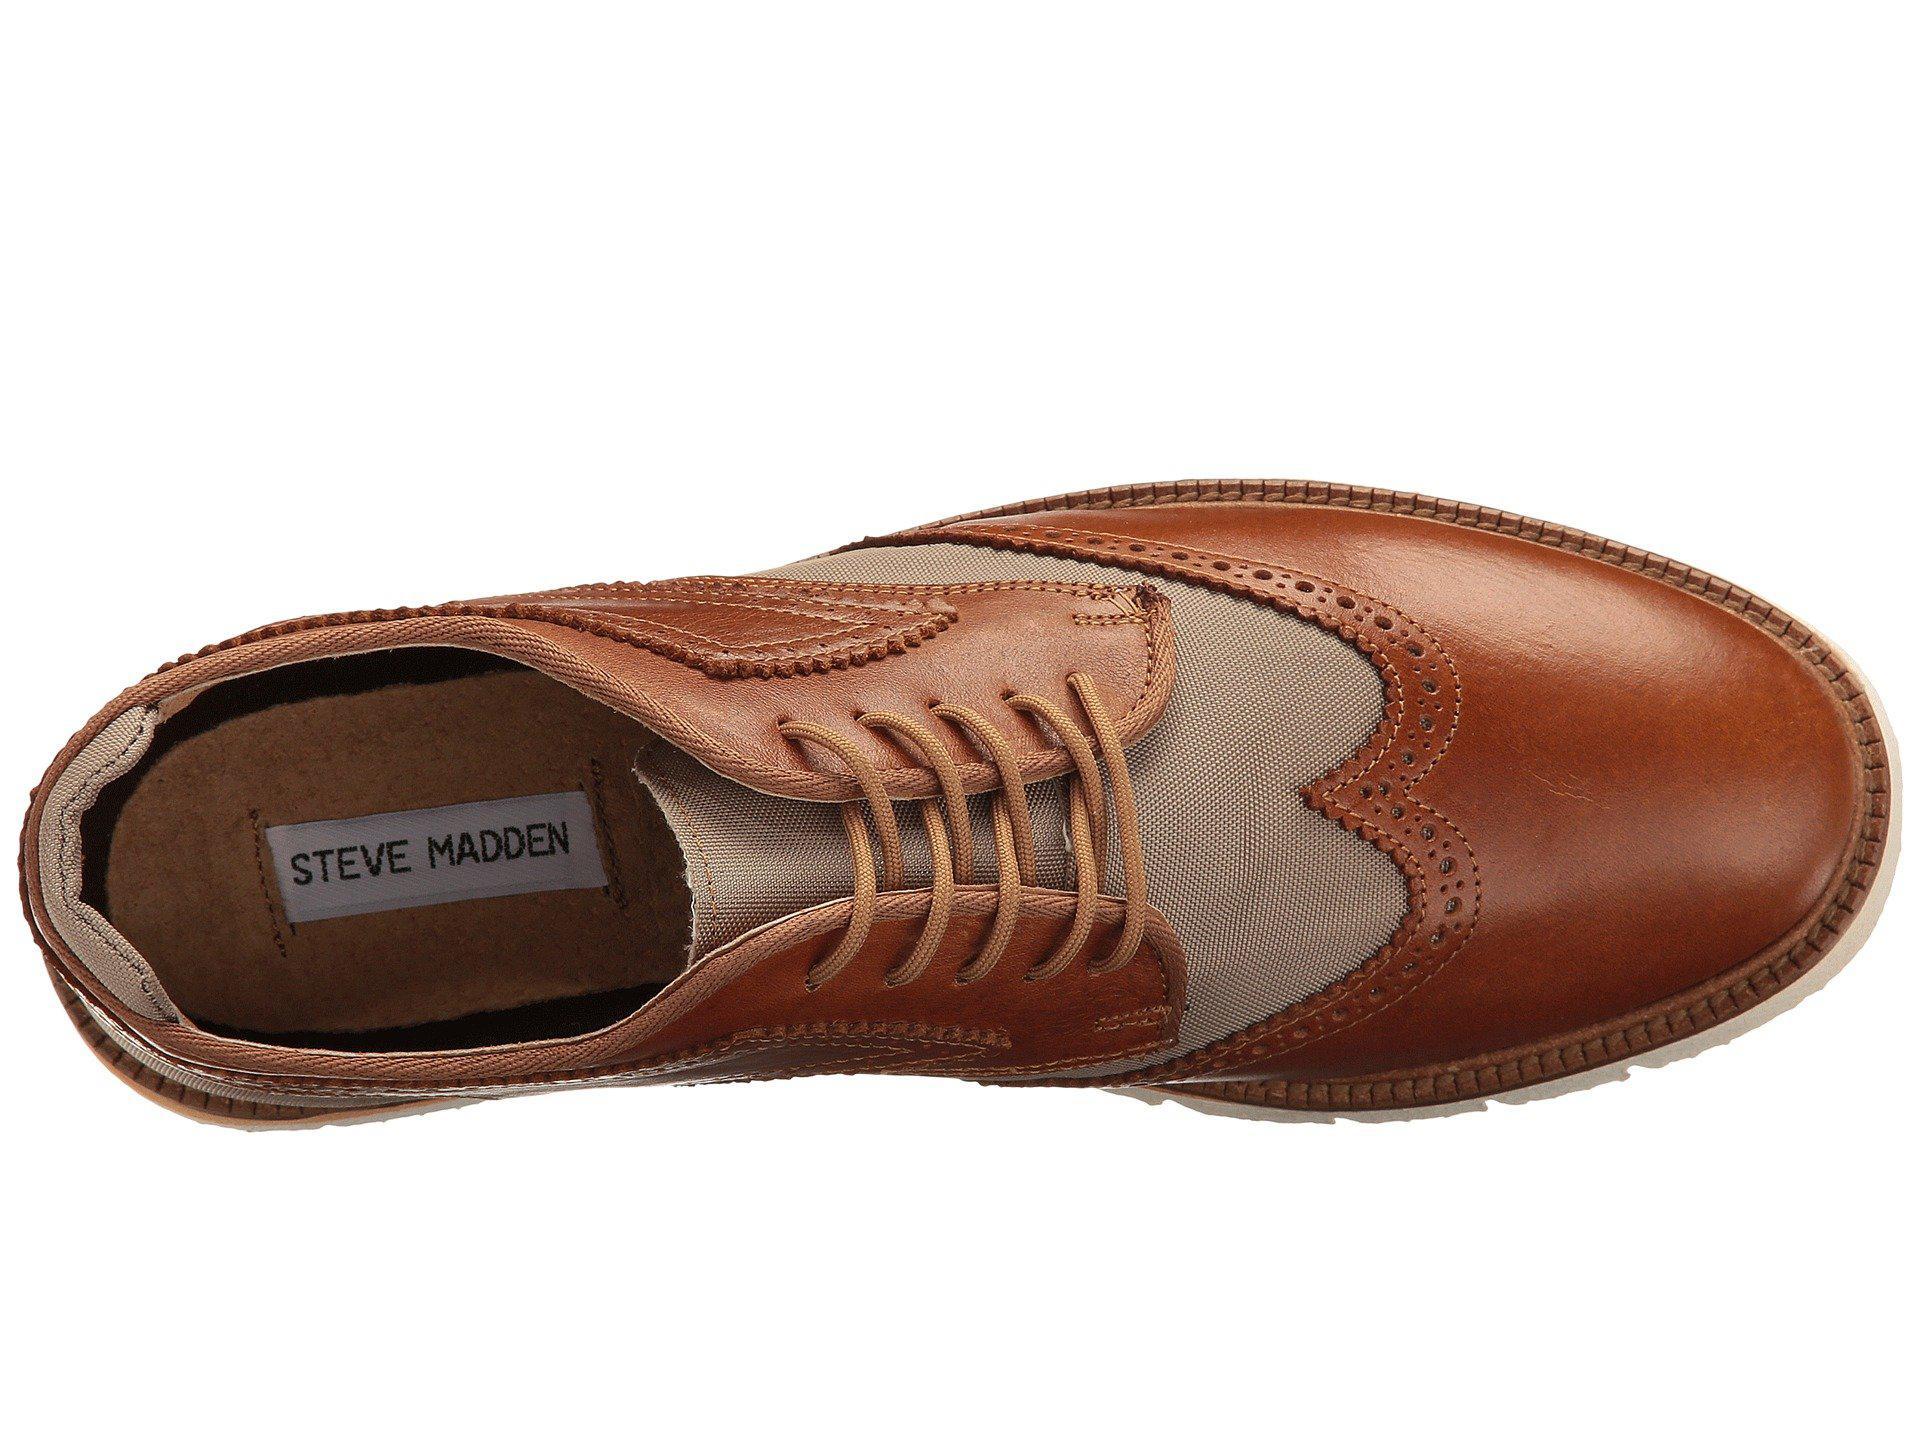 8c78360cec1 Lyst - Steve Madden Sencha in Brown for Men